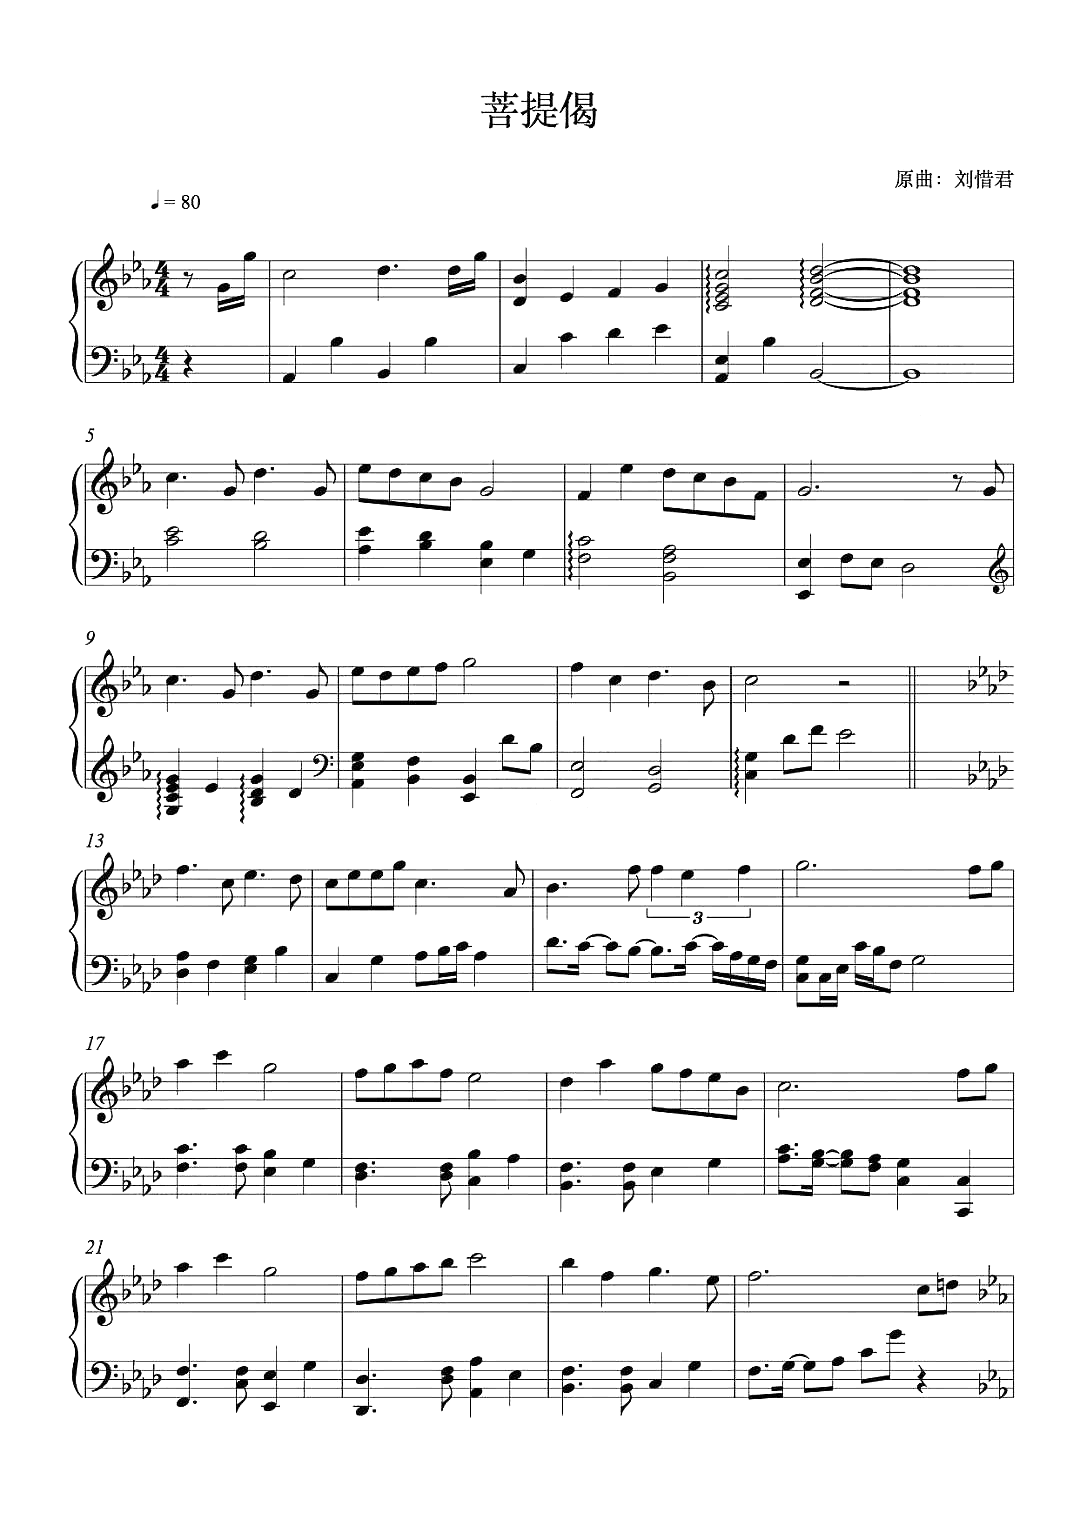 菩提偈钢琴谱